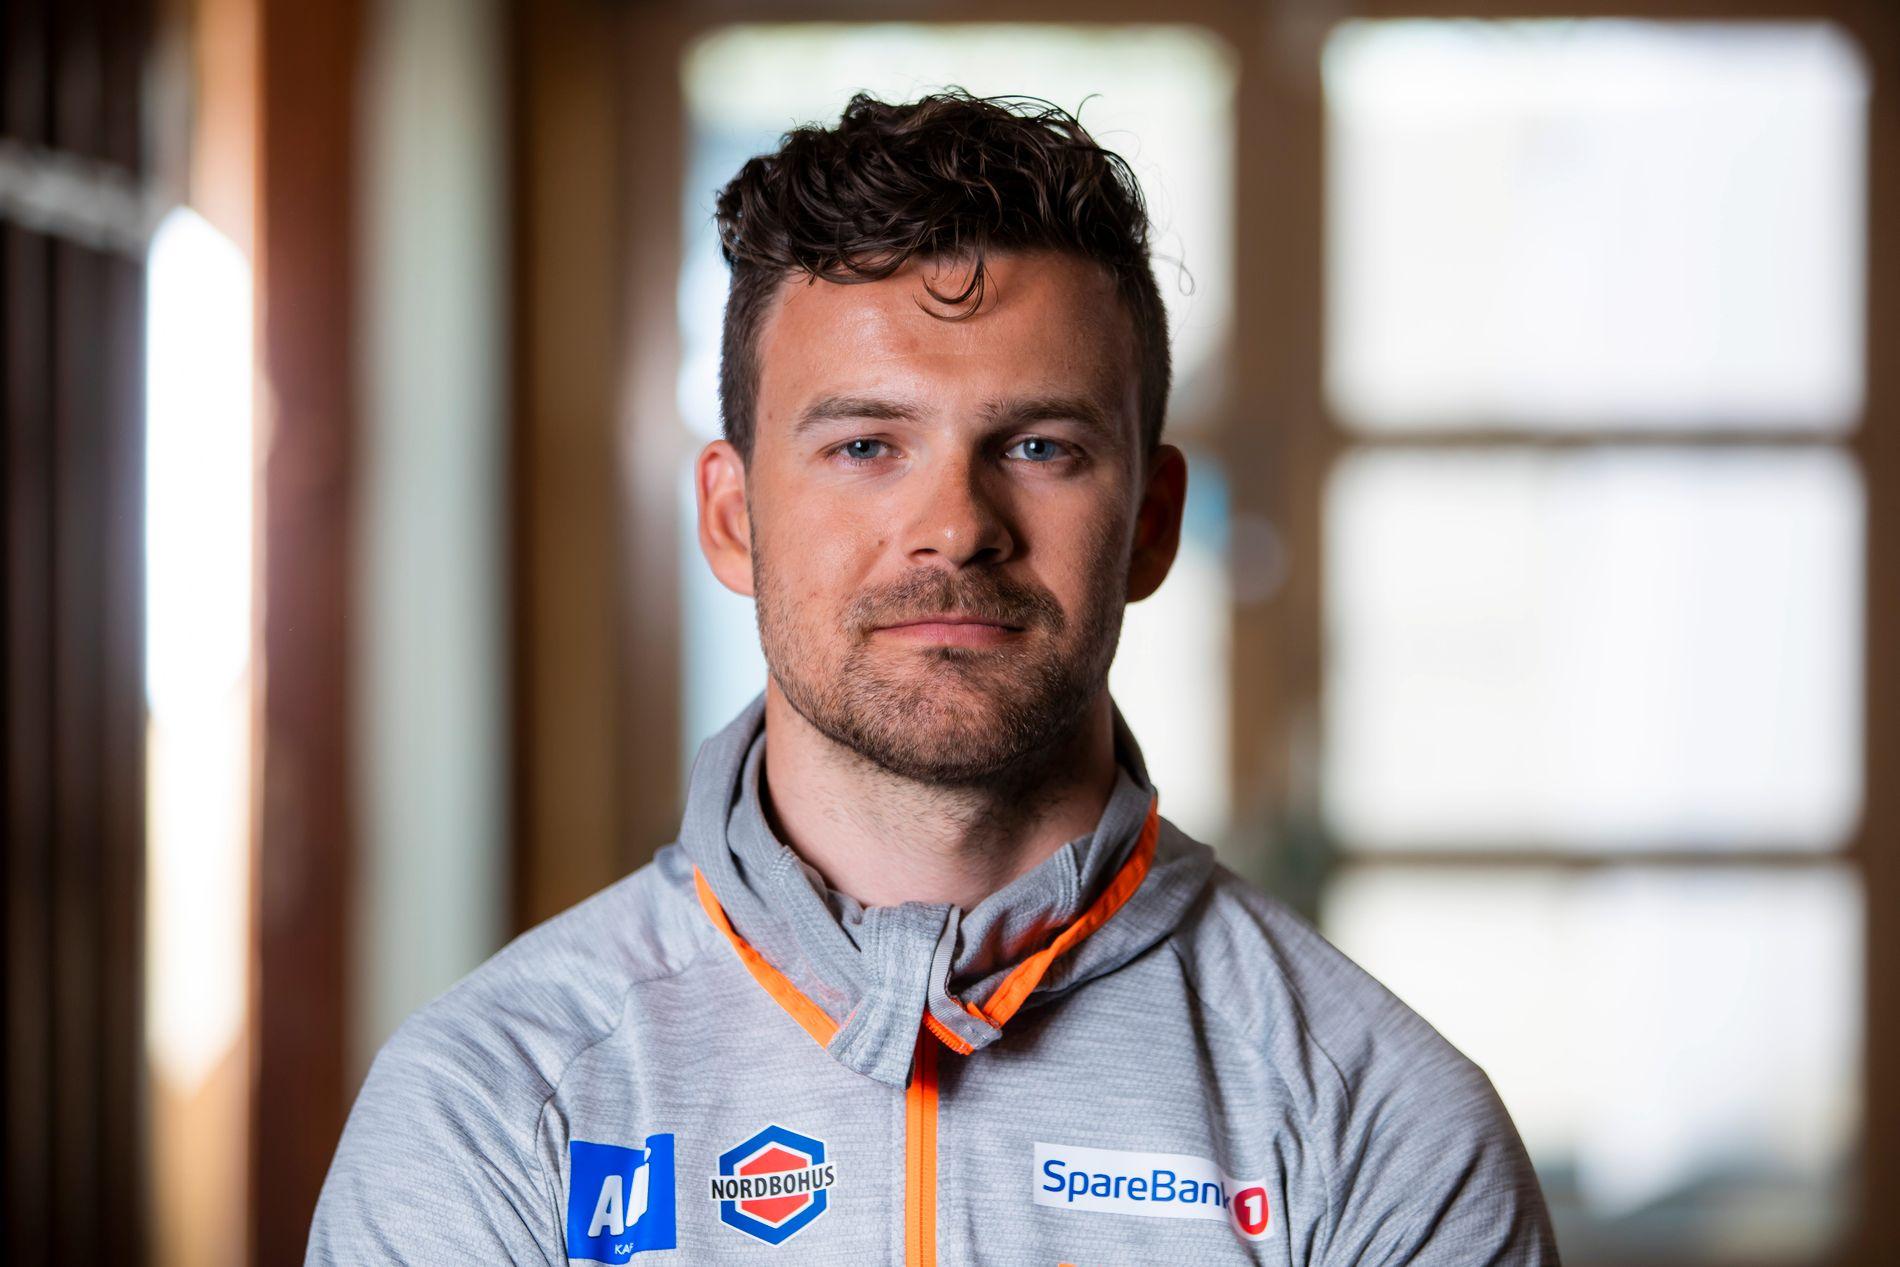 HJERTESTANS: Sondre Turvoll Fossli fikk hjertestans mens han kjørte bil, men ble reddet av kjæresten og en forbipasserende syklist.